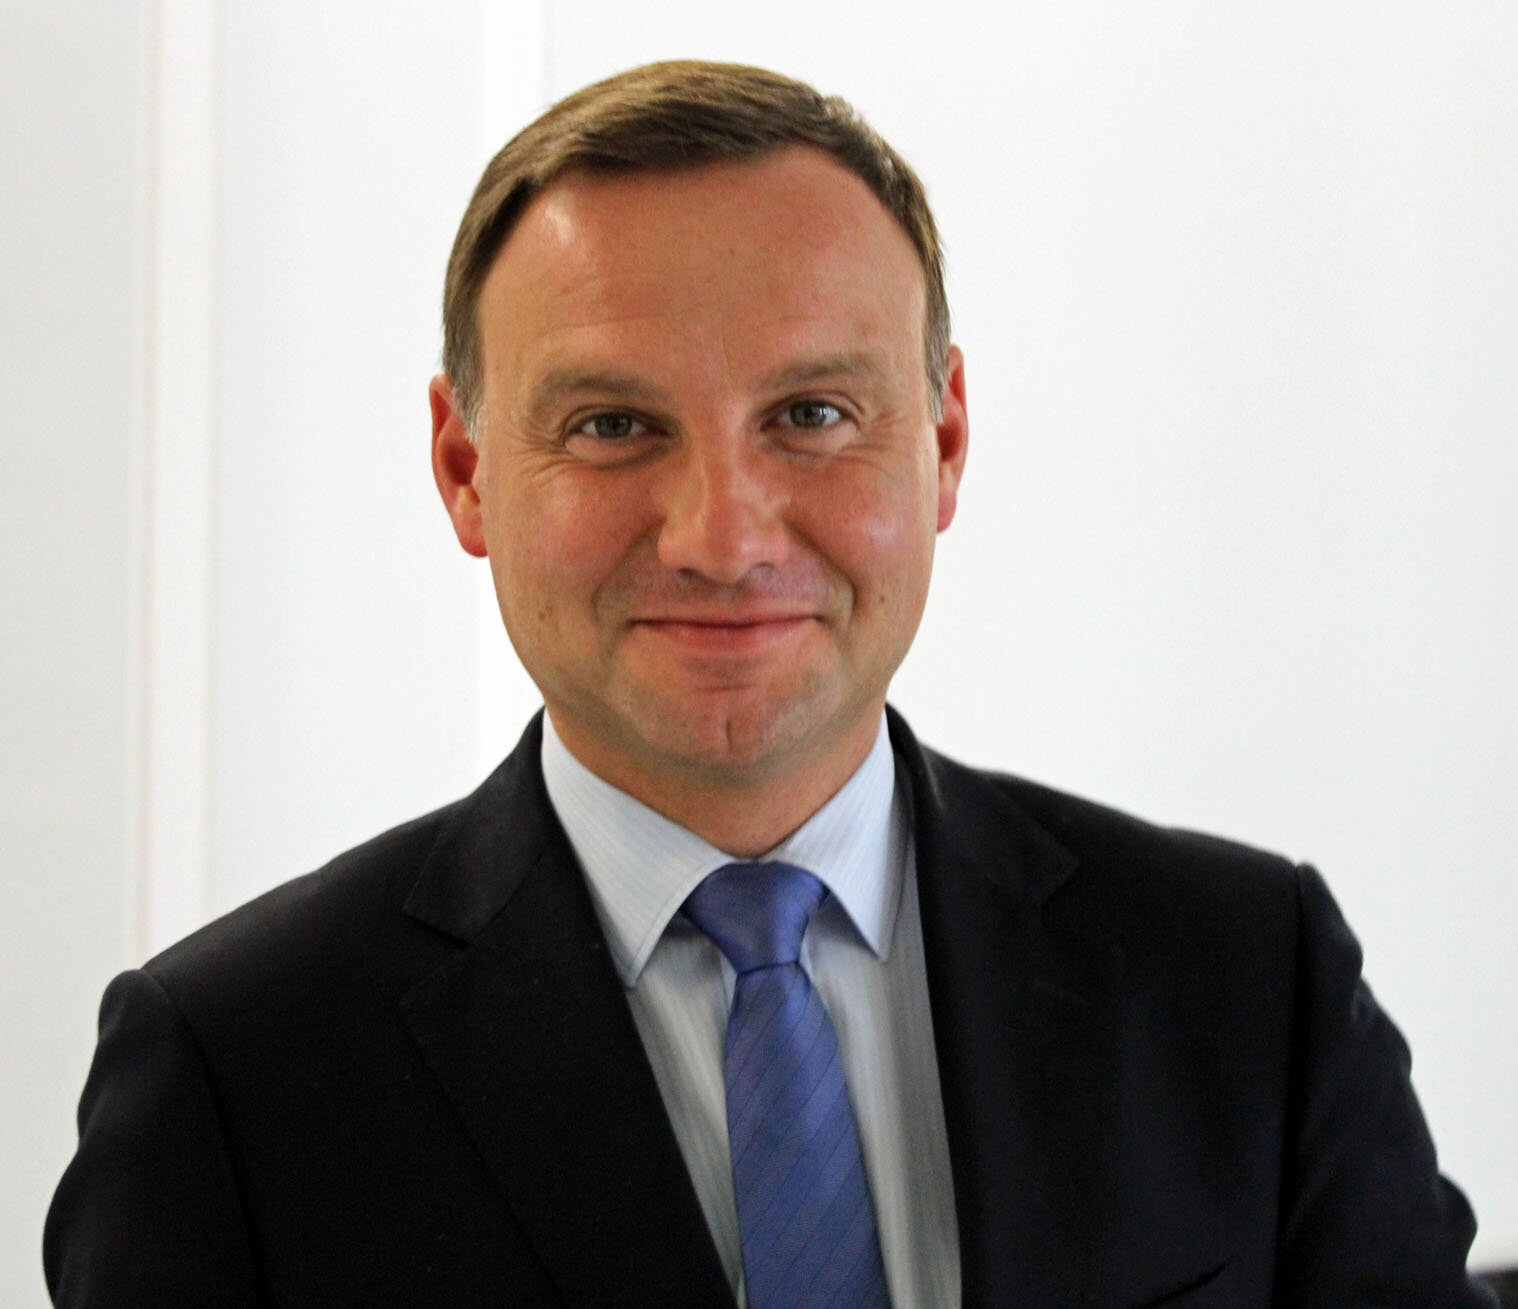 Andrzej Duda, prezydent RP od 2015 r. Źródło: Lukas Plewnia, Andrzej Duda, prezydent RP od 2015 r., licencja: CC BY-SA 2.0.